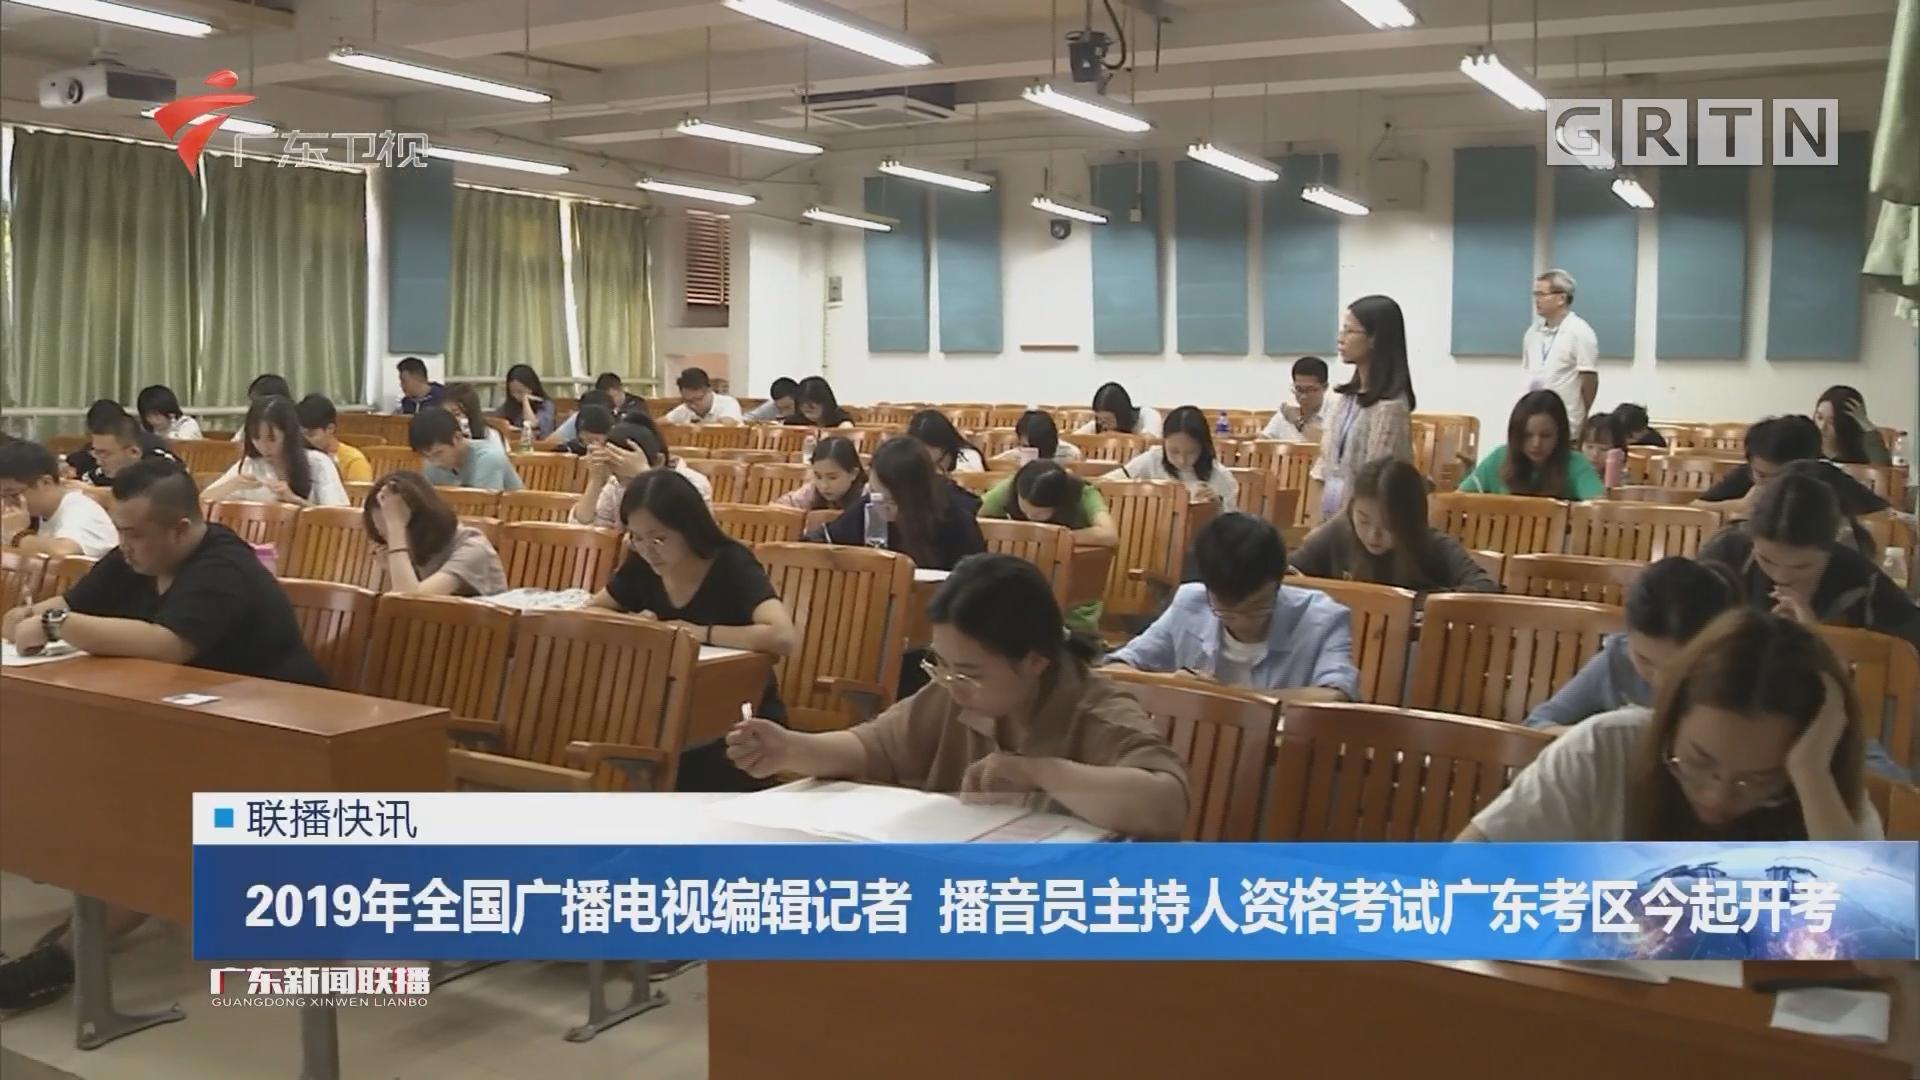 2019年全国广播电视编辑记者 播音员主持人资格考试广东考区今起开考